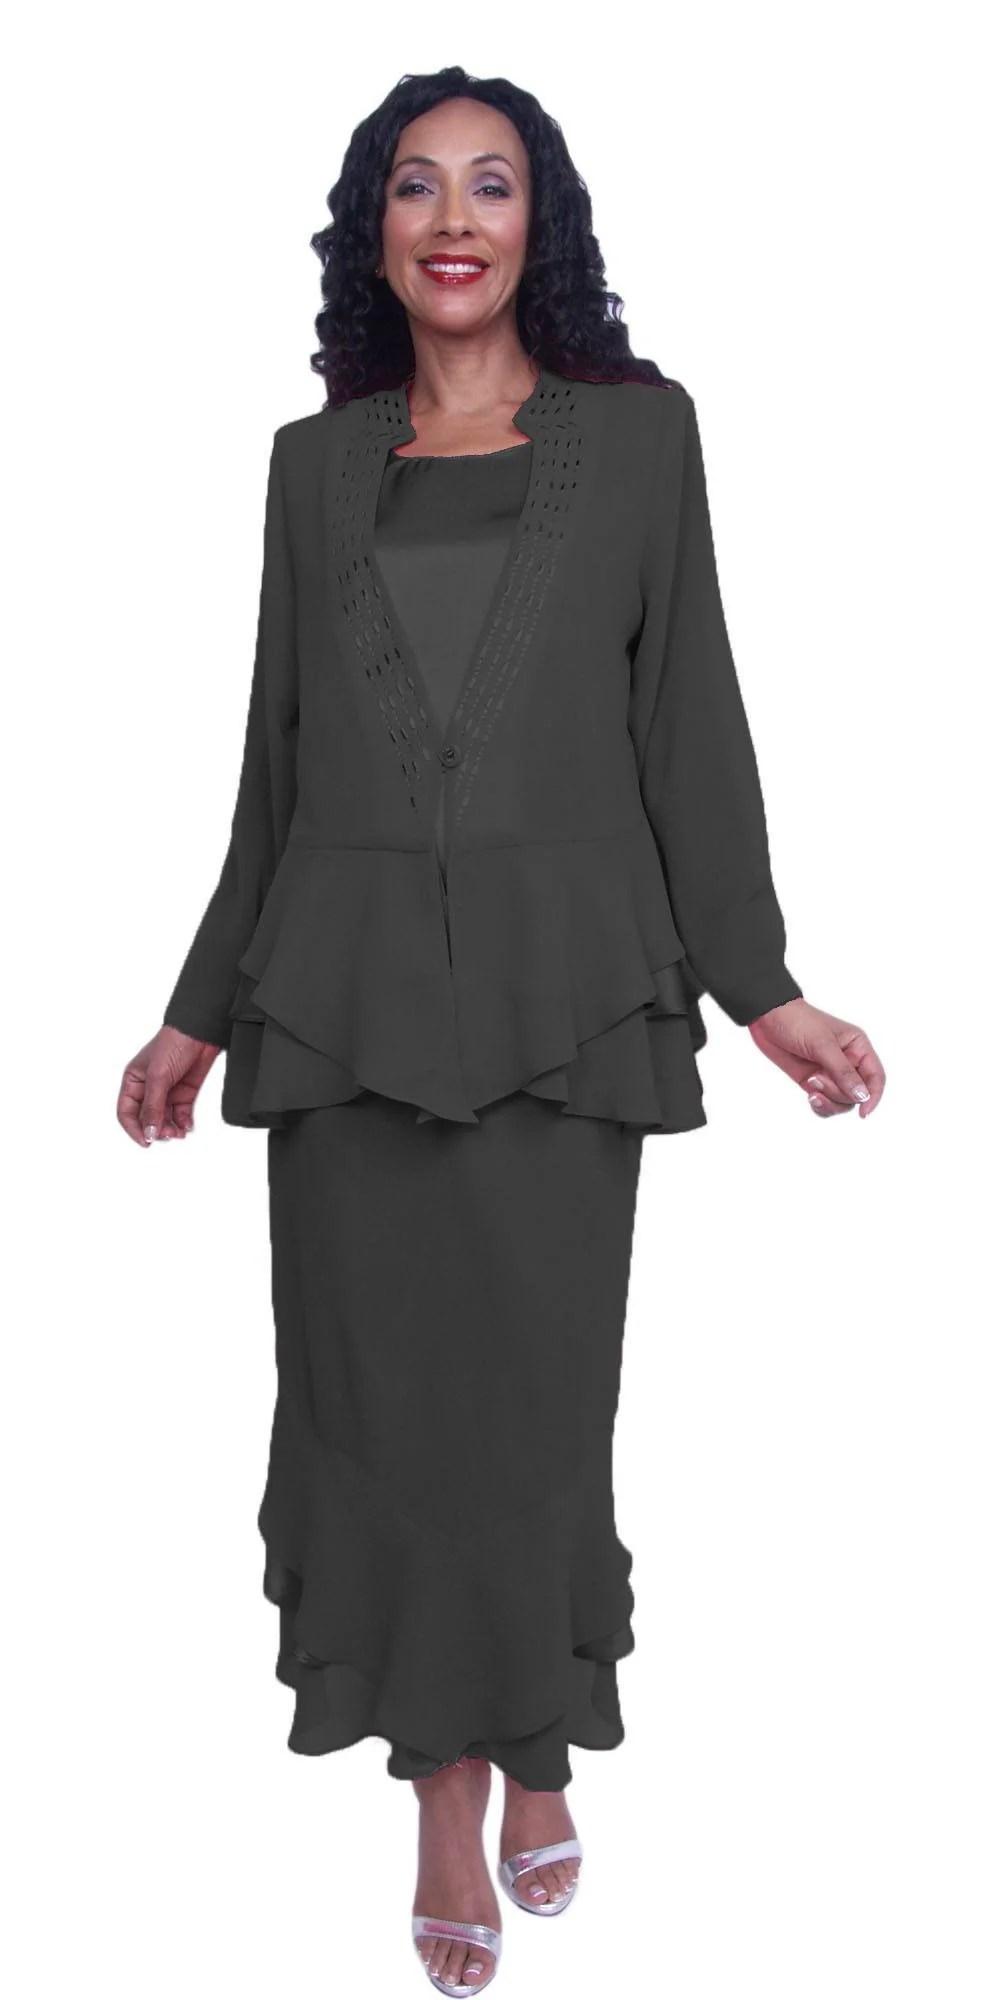 Hosanna 3878 - 3 Piece Tea Length Church Dress White